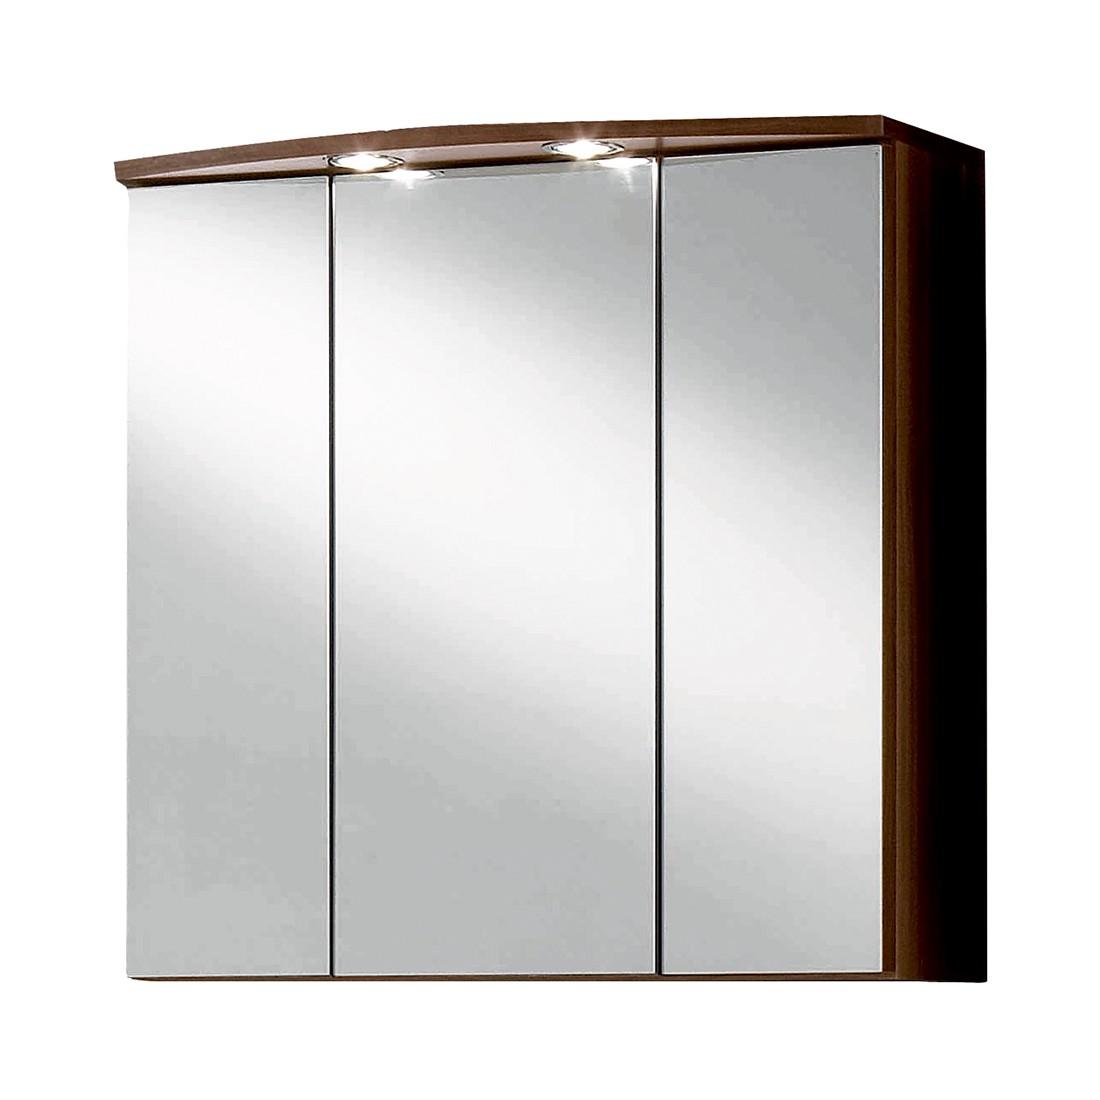 Armadietto pensile a specchio 3D Well-ness - Effetto quercia scura, Giessbach